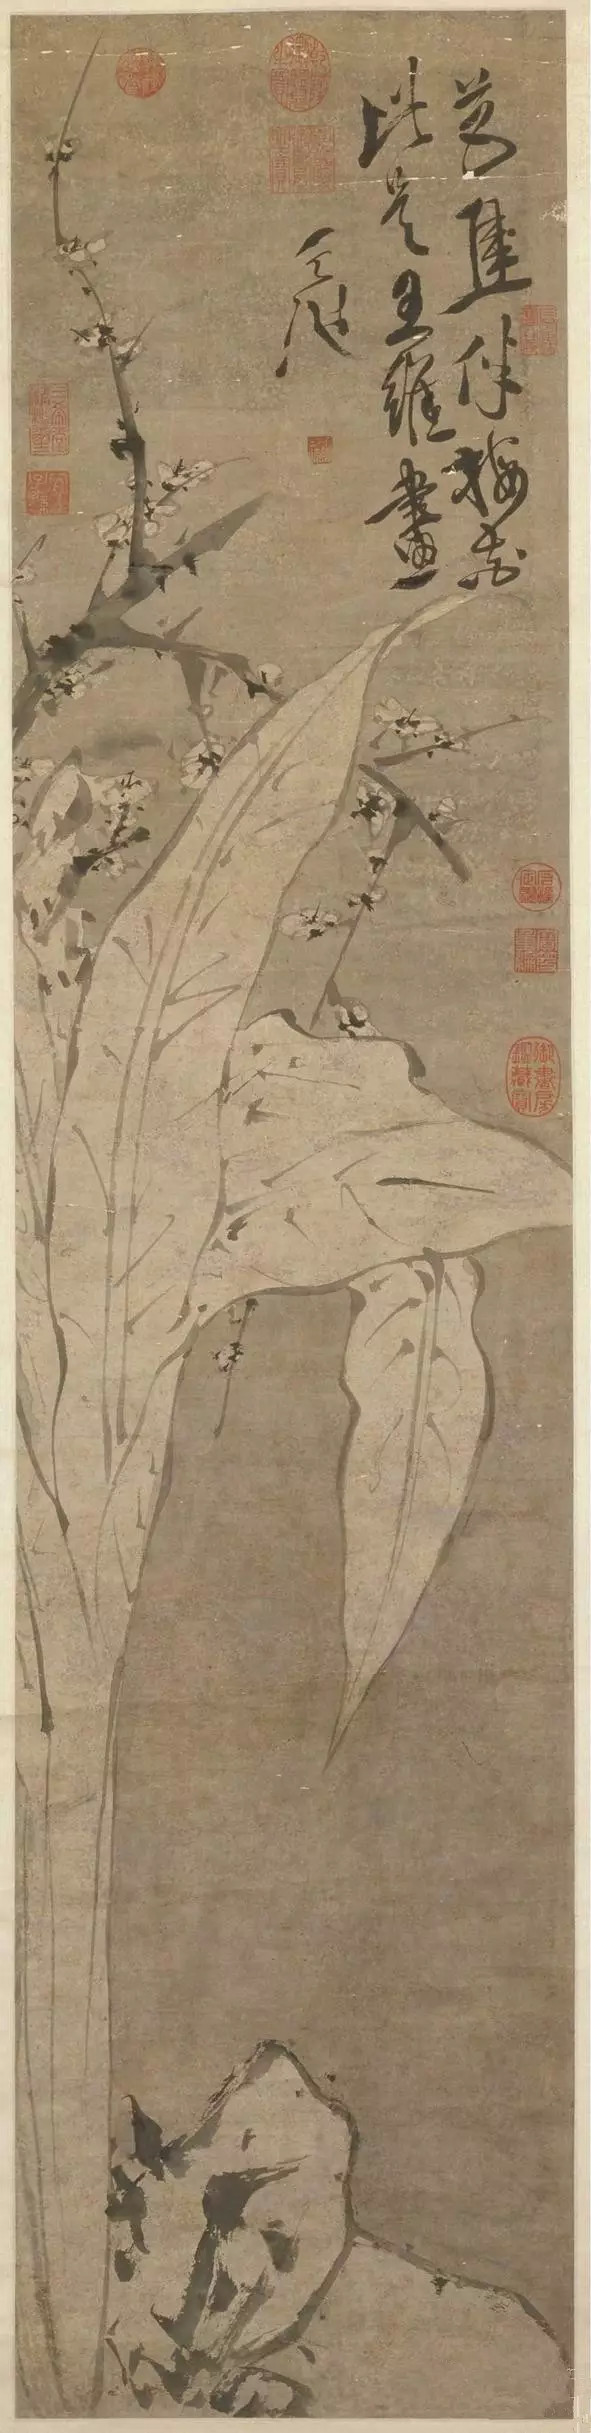 徐渭 梅花蕉叶图 纸本墨笔 133.7×30.4cm 北京故宫博物院藏